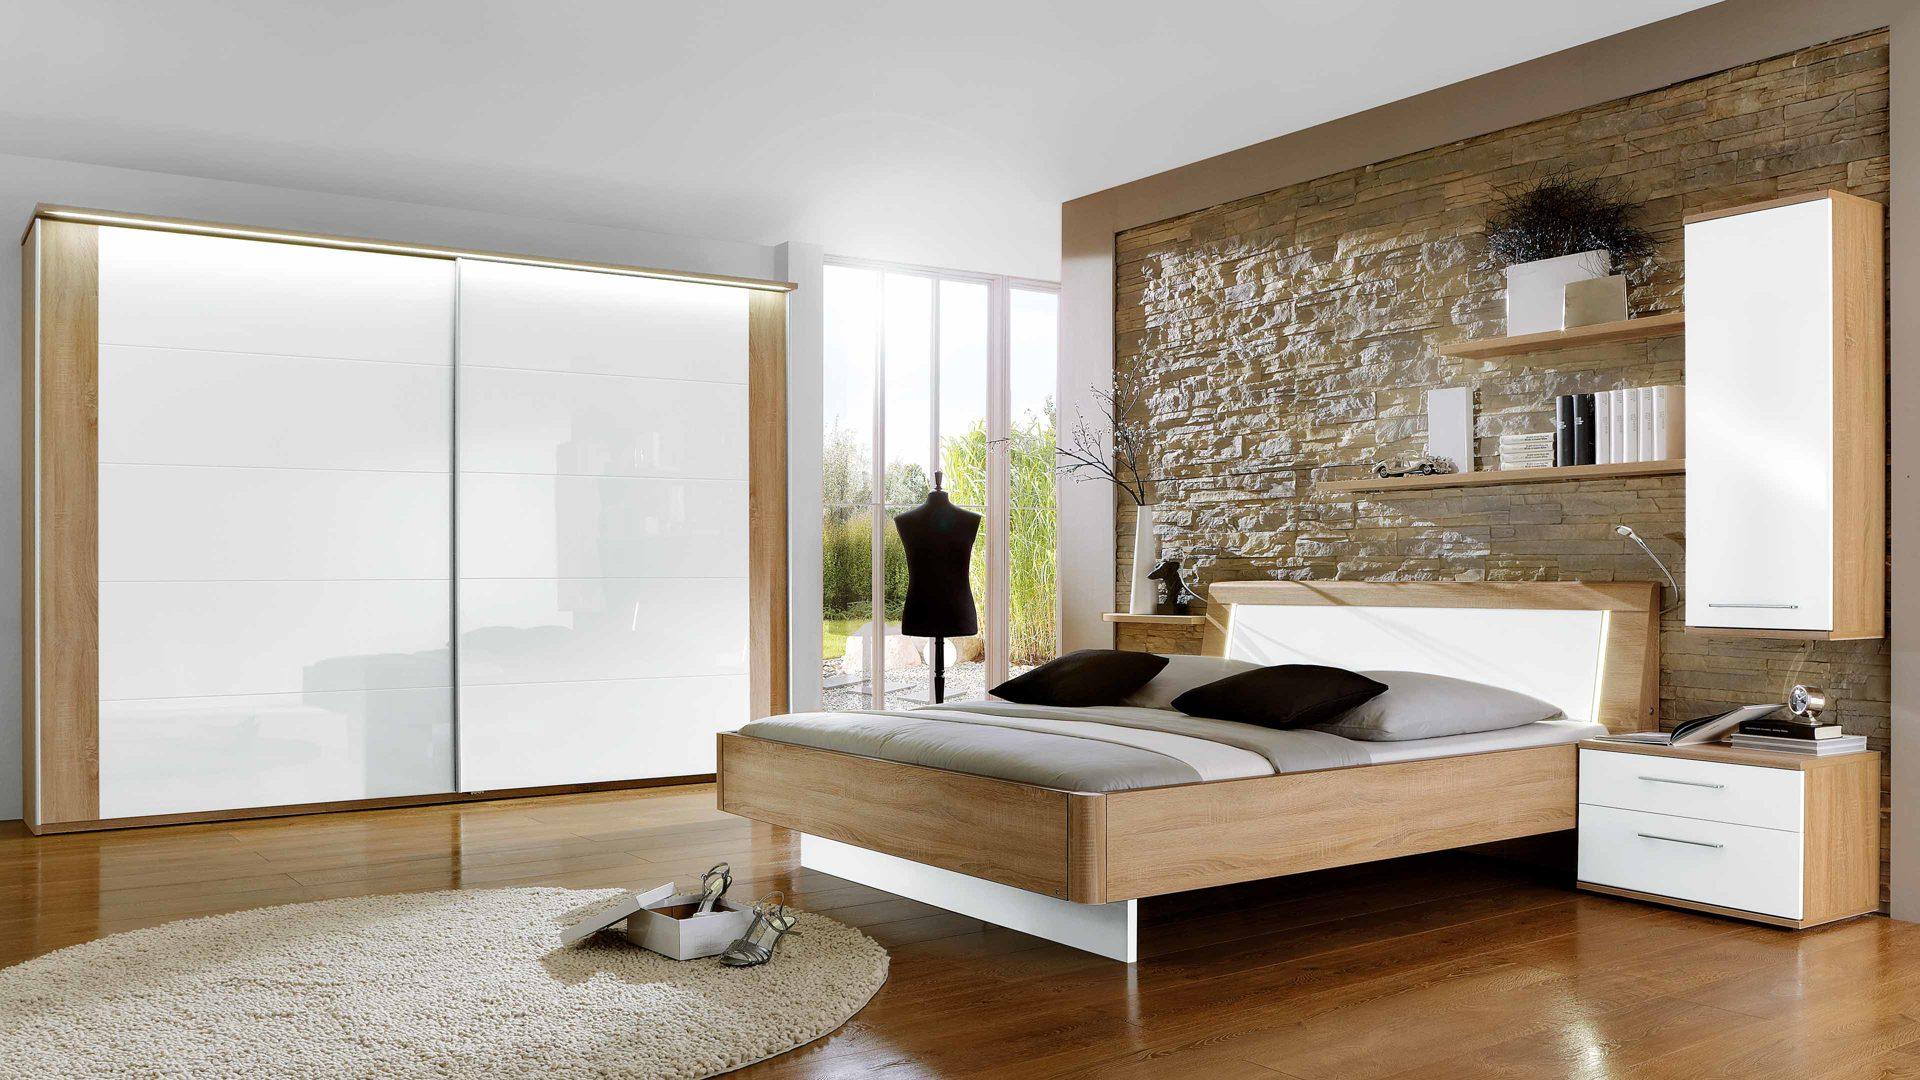 modernes PARTNERRING COLLECTION Schlafzimmer , weiße, Bad Homburg ...